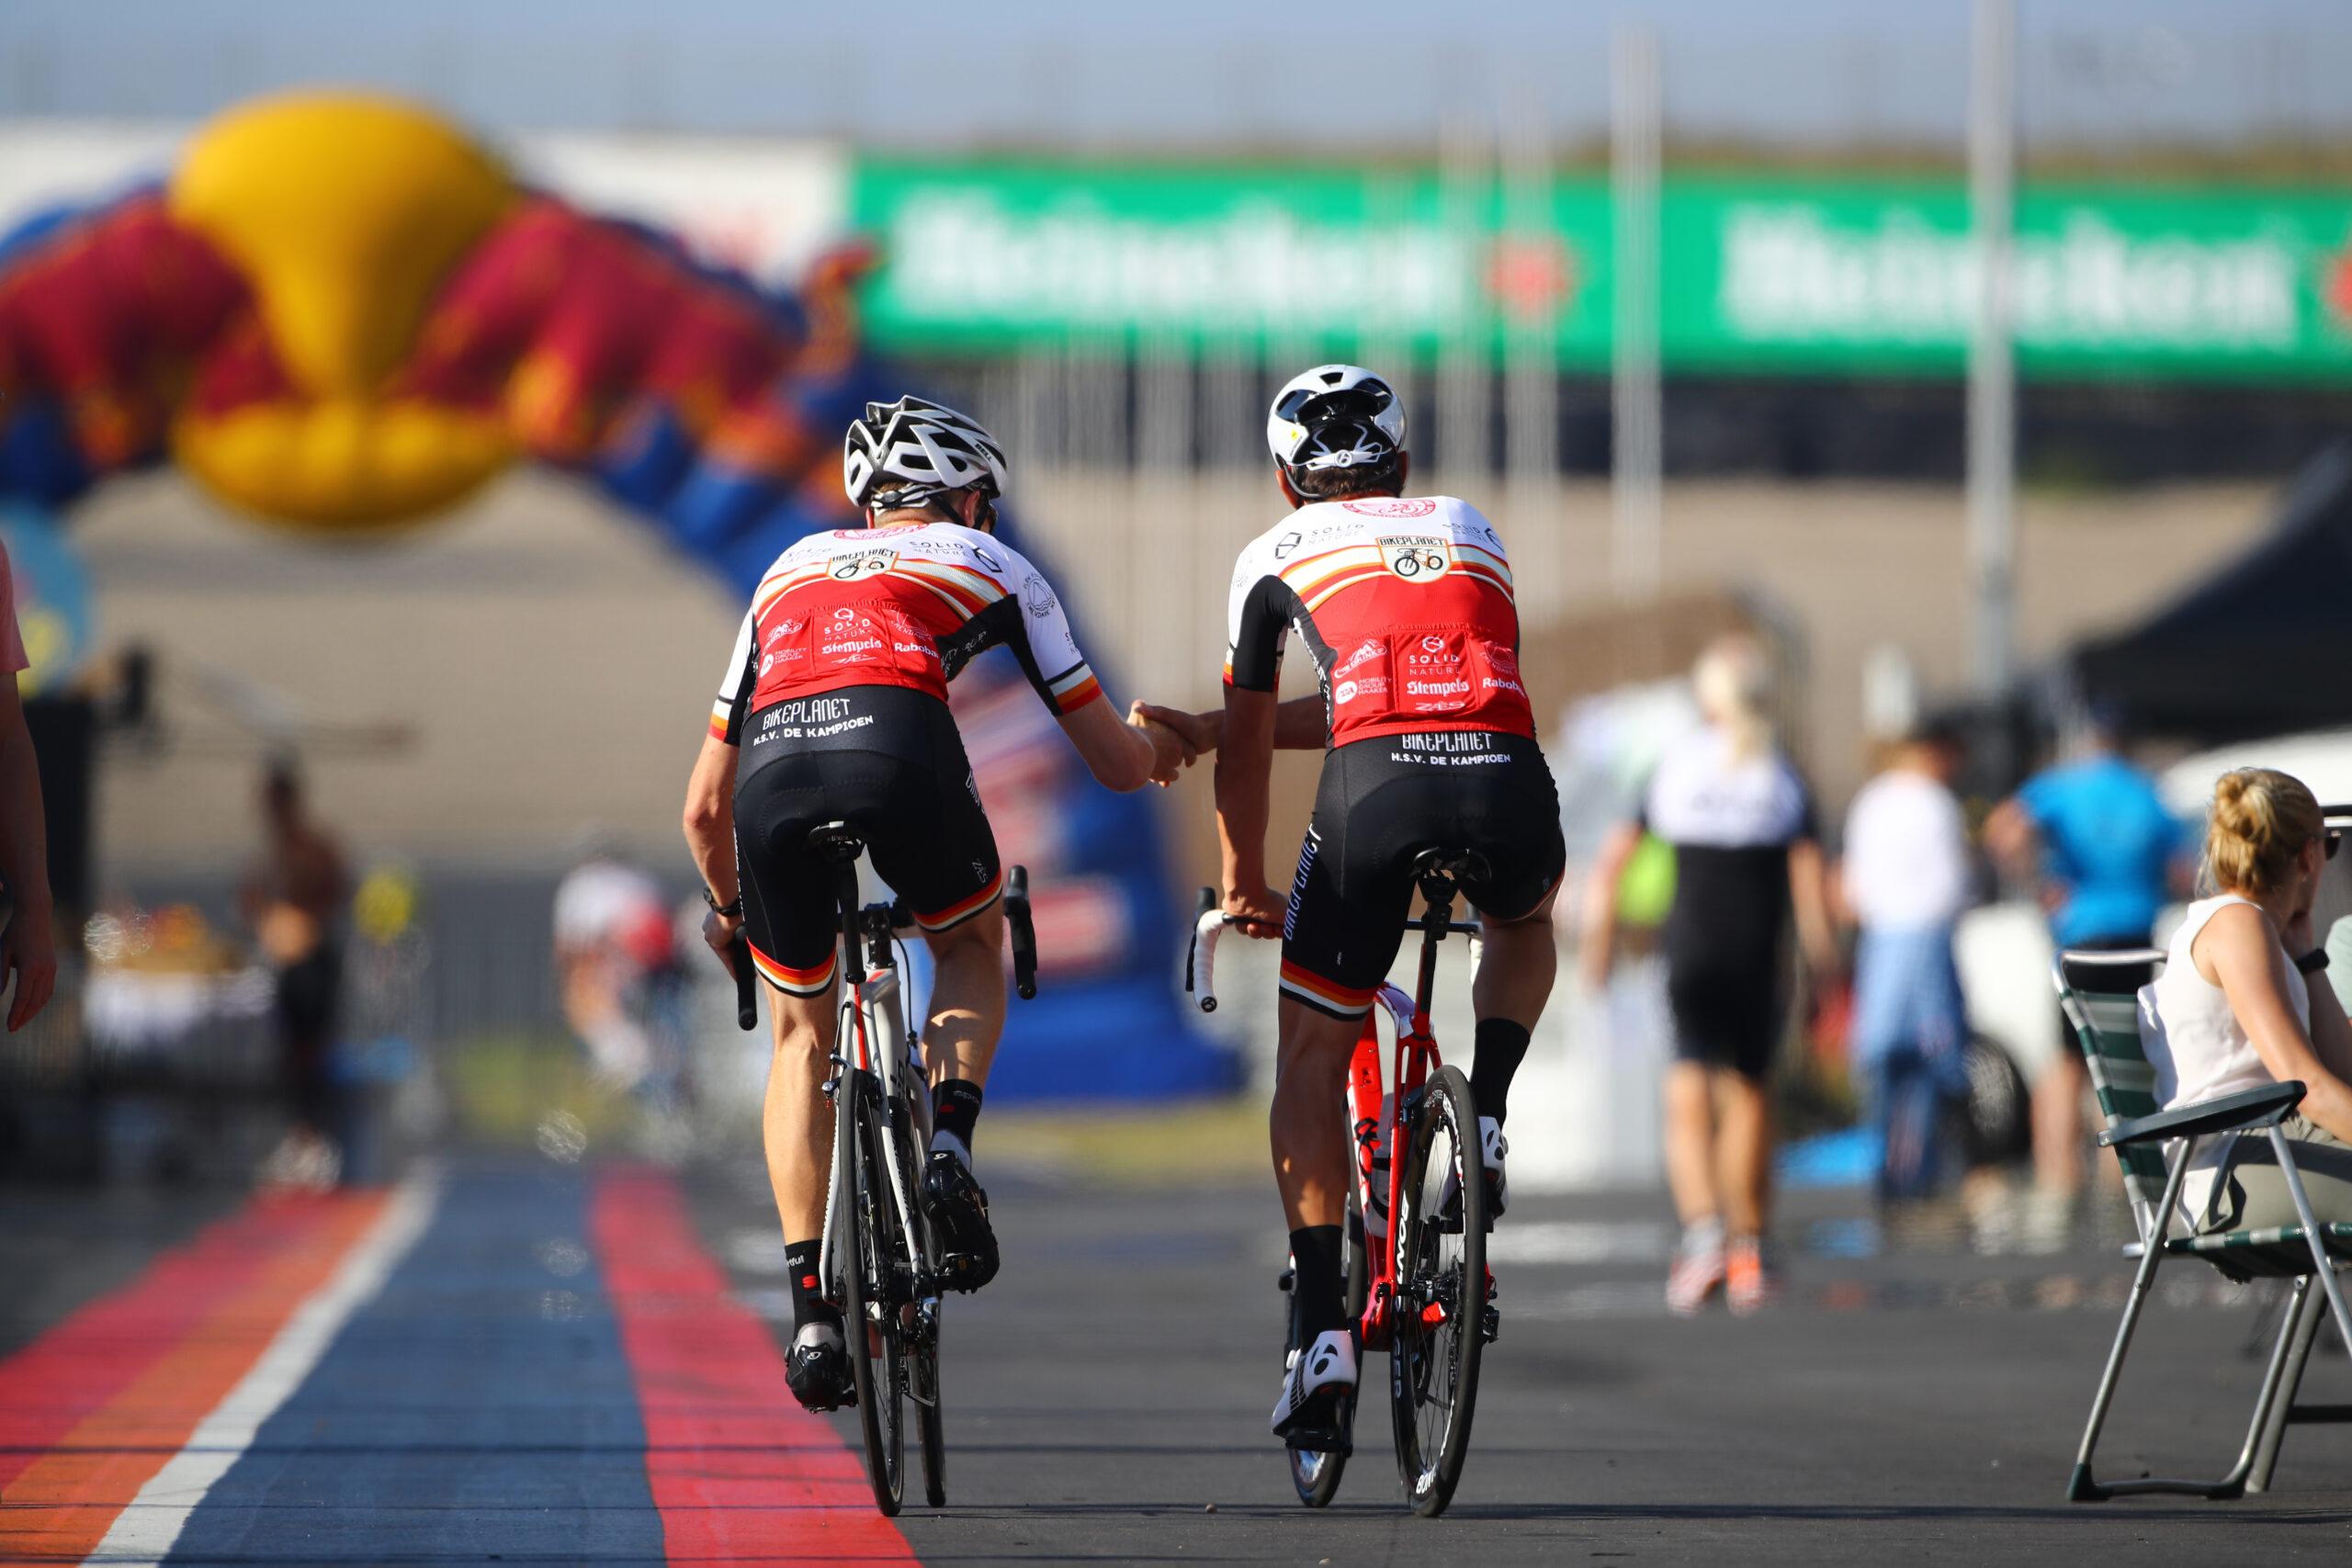 Wie is de snelste wielerclub op het circuit van Zandvoort?